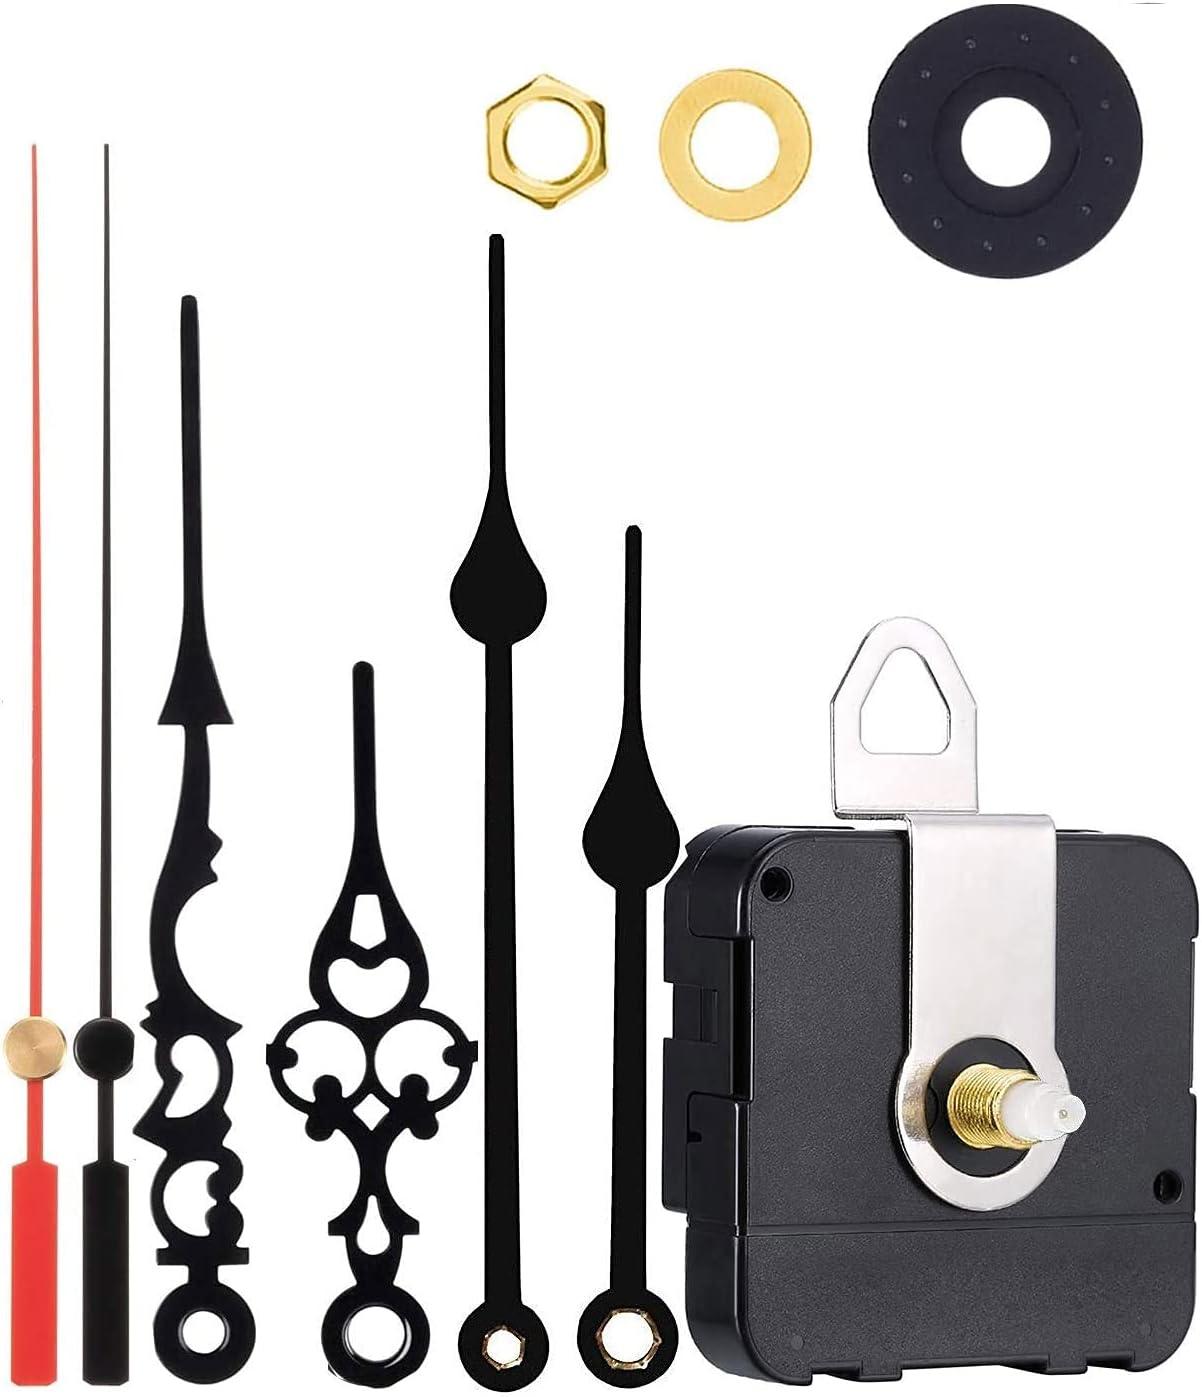 Quantity limited DIY Max 68% OFF Quartz Clock Movement Mechanism Parts Repair Ba Replacement